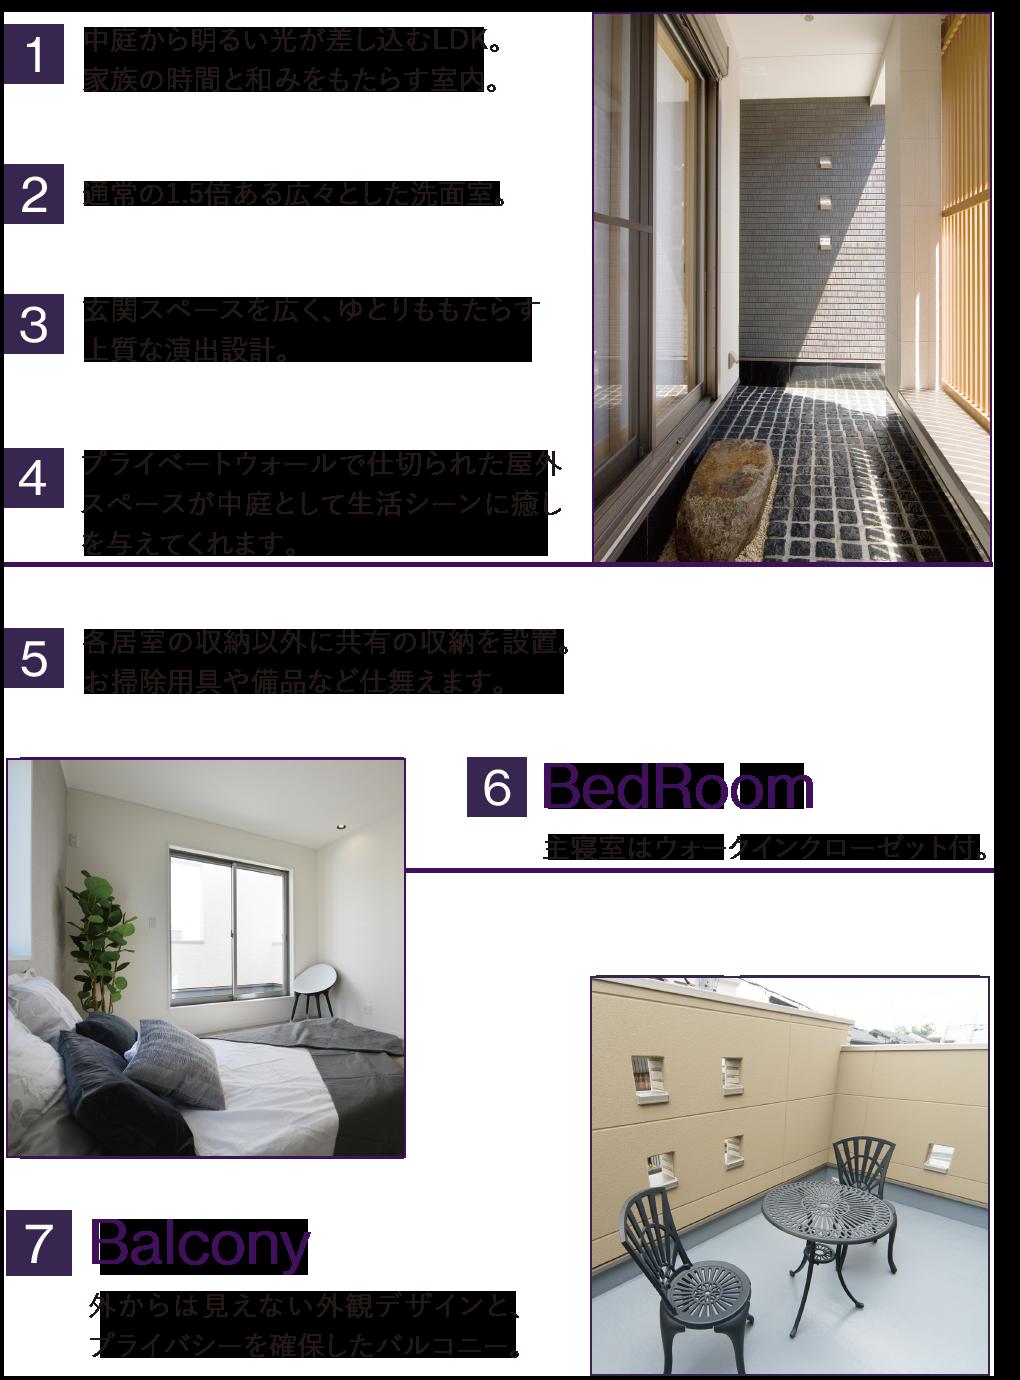 中庭から明るい光が差し込むLDK 通常の1.5倍ある広々とした洗面室 玄関スペースを広く、ゆとりをもたらす上質な演出設計 プライバシーと光空間を合わせもった贅沢な中庭 各居室の収納以外に共有の収納を設置 主寝室はウォークインクローゼット付き 外からは見えない外観デザインと、プライバシーを確保したバルコニー